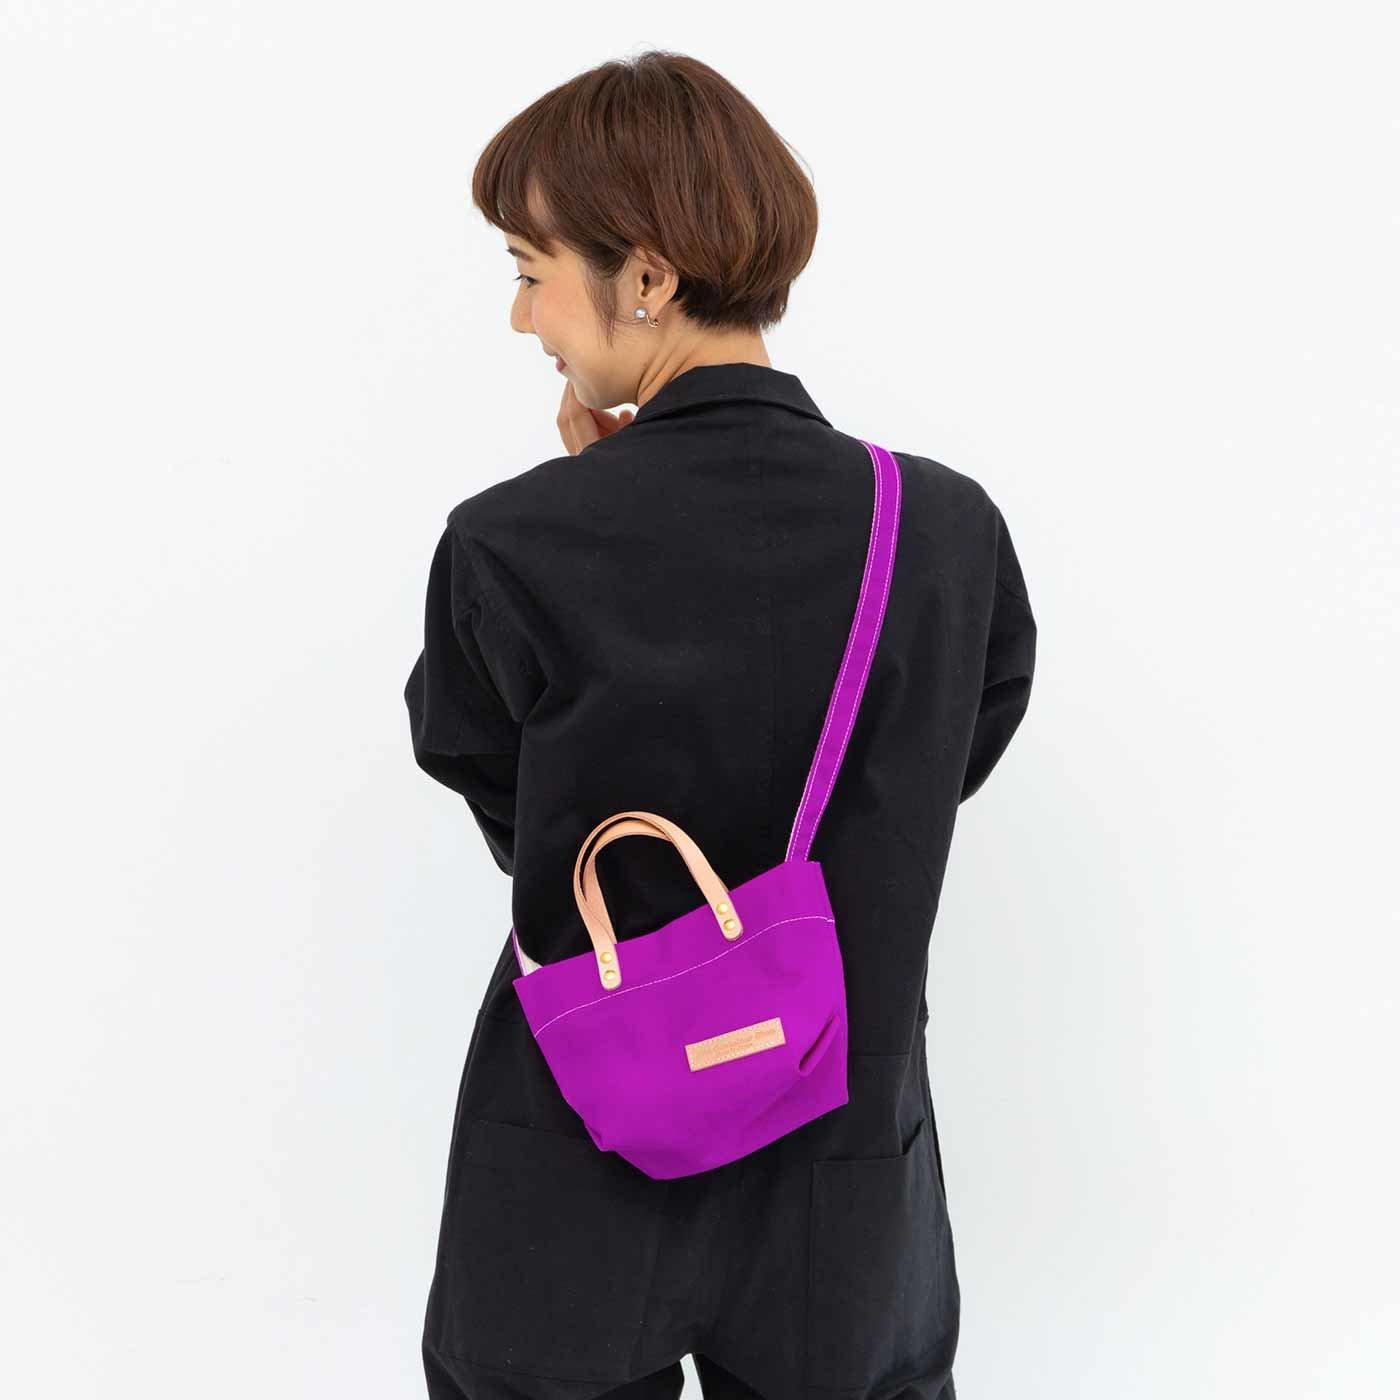 ミニサイズがうれしい 日本製のカラー帆布 ショルダートートバッグの会